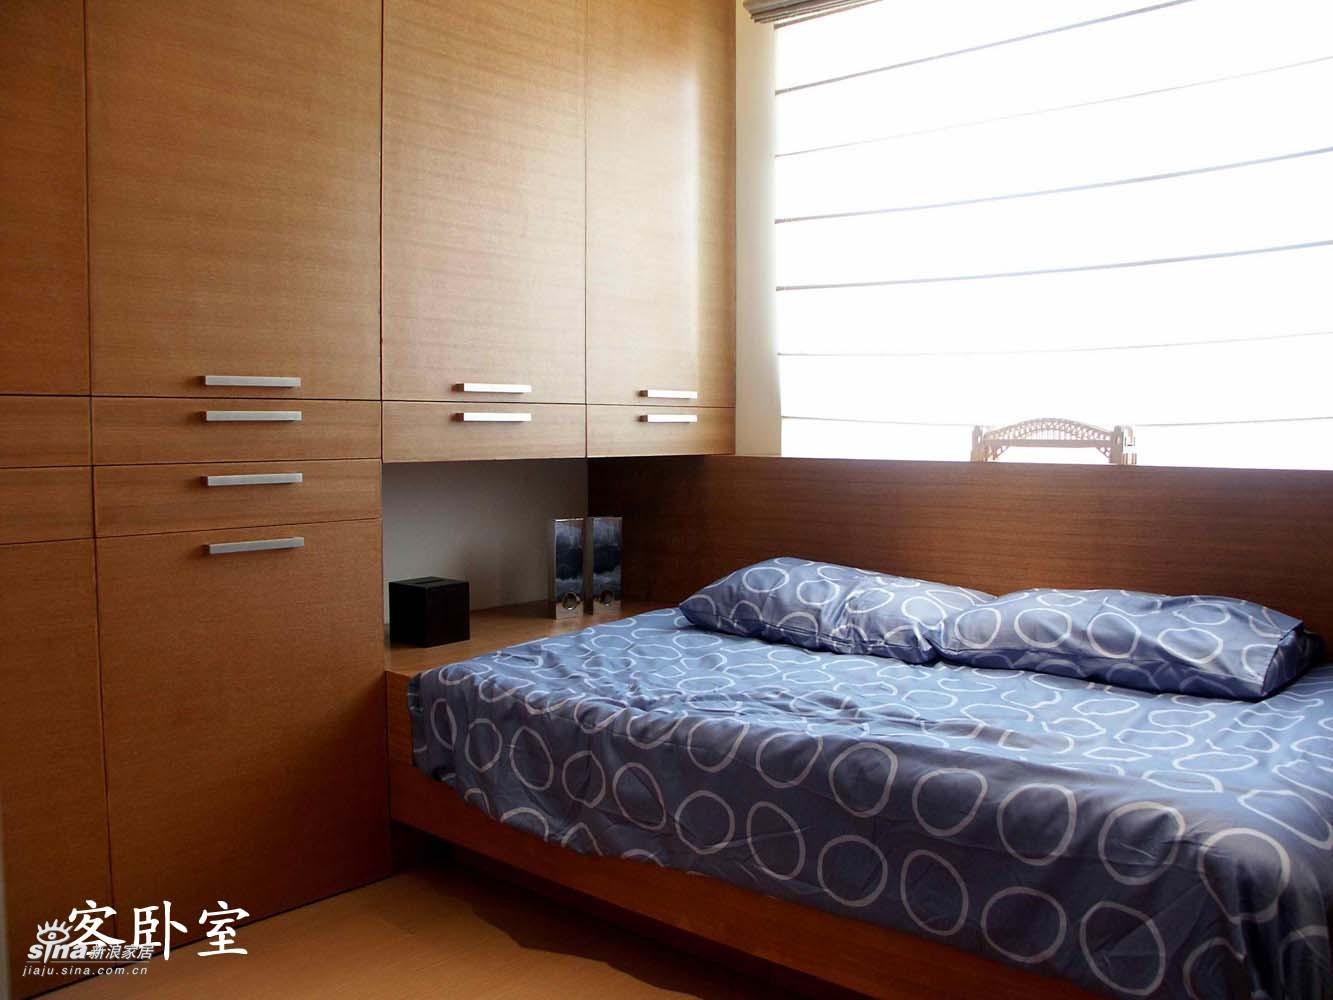 简约 三居 卧室图片来自用户2745807237在刘绍军作品97的分享